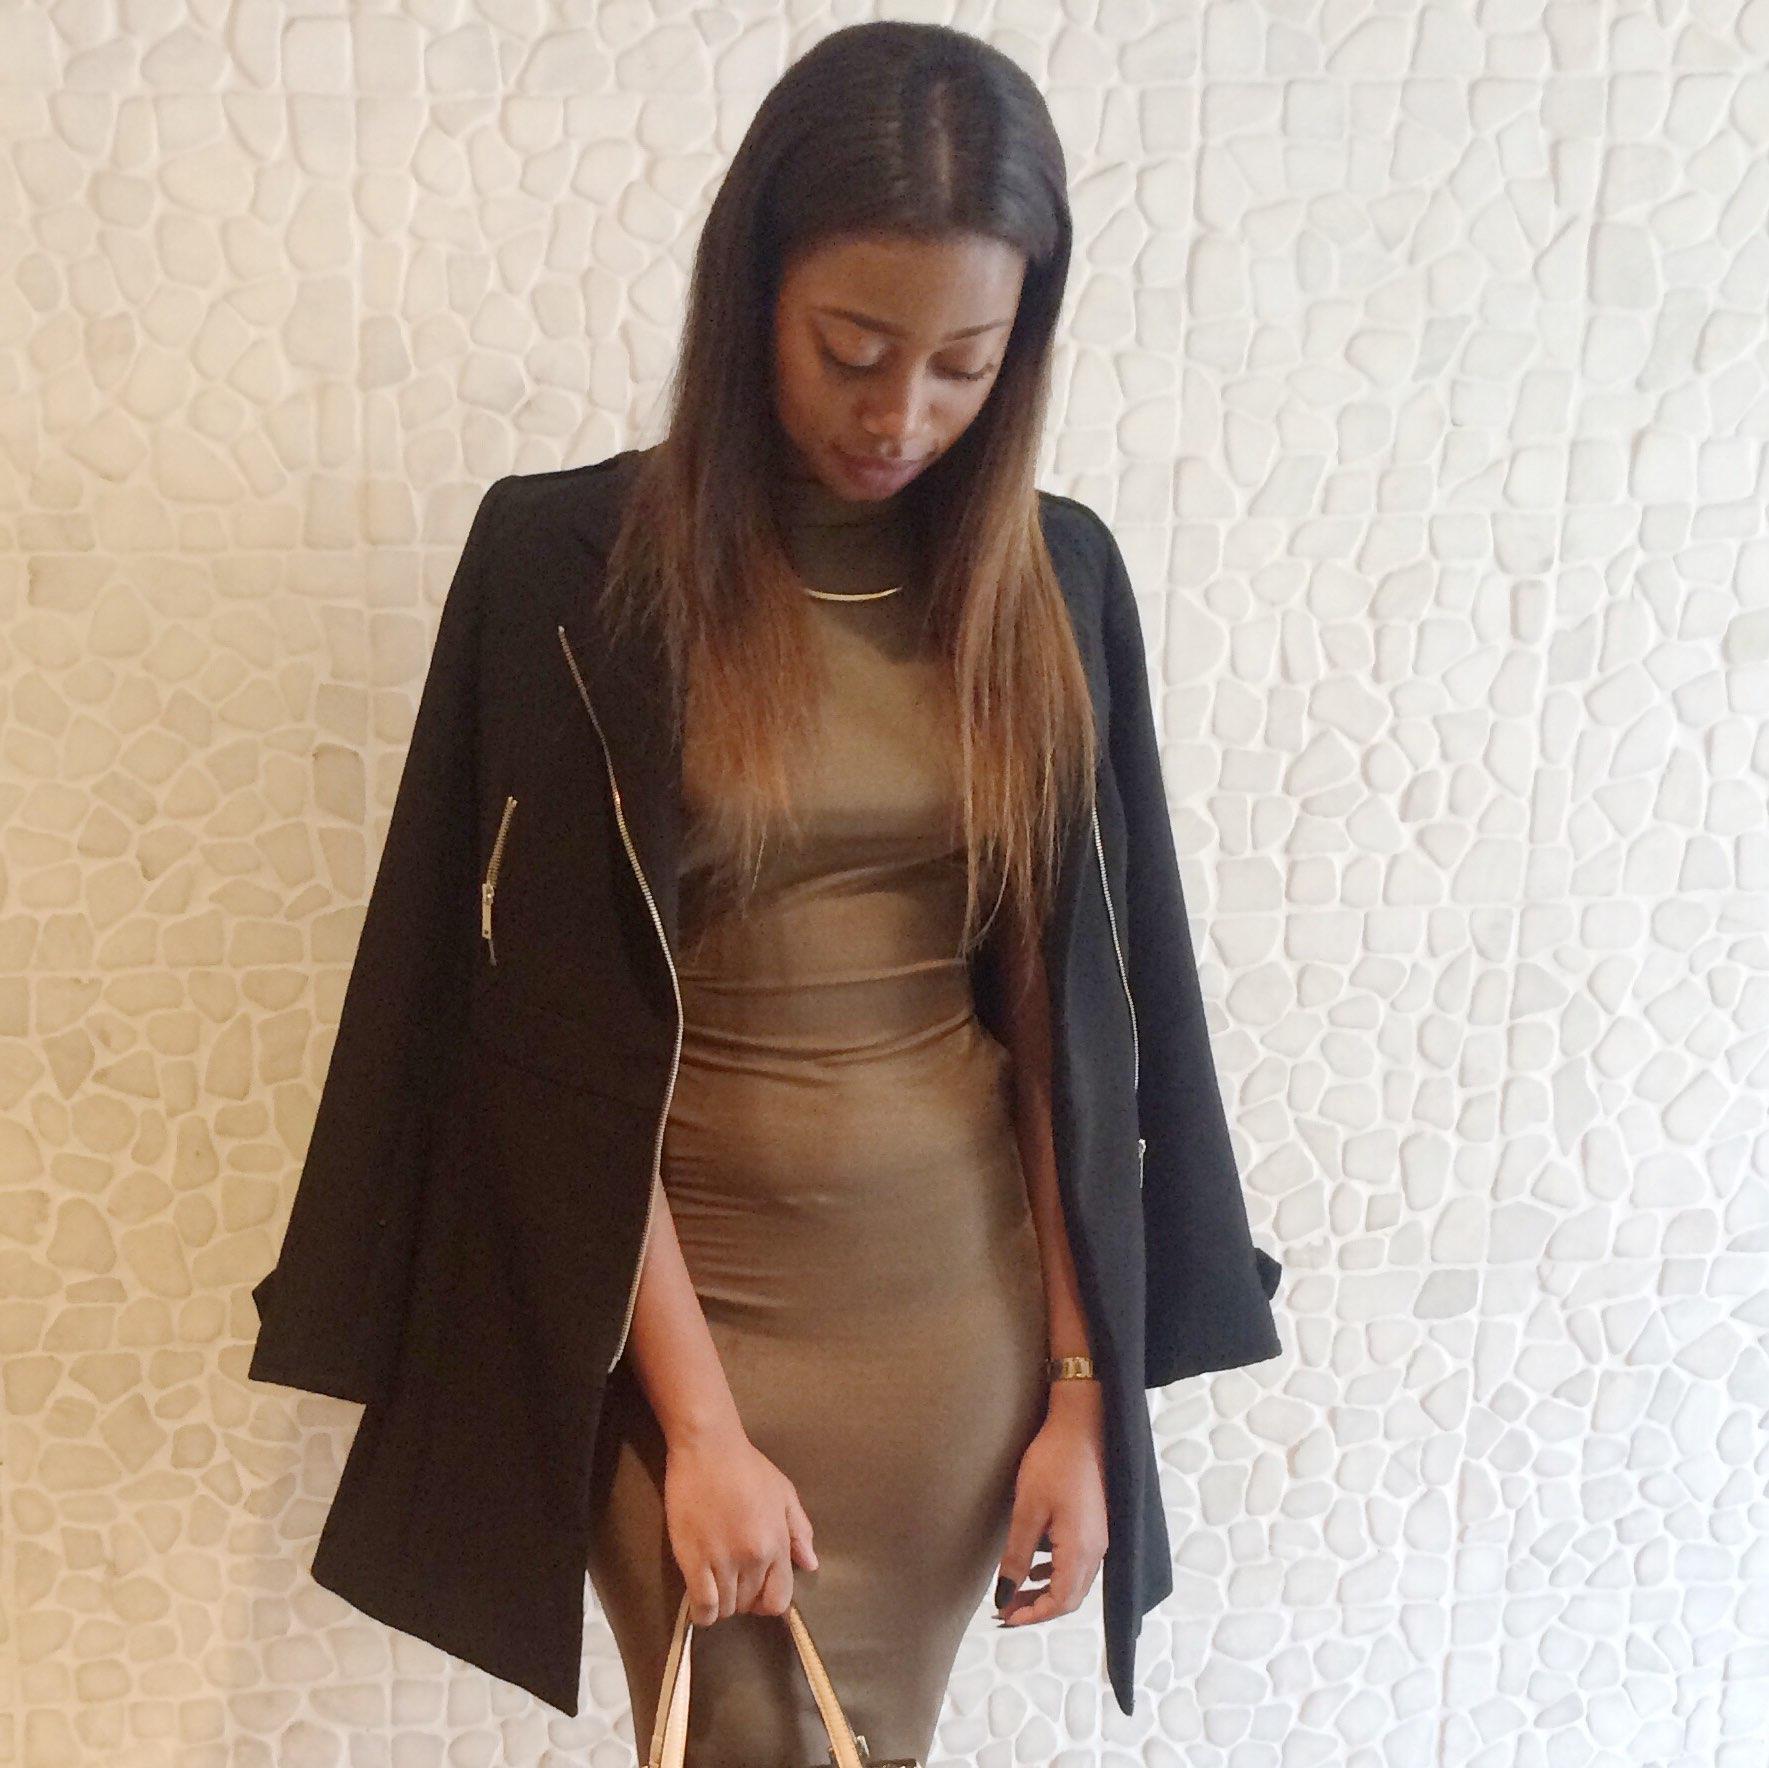 Zama Mthembu avatar picture